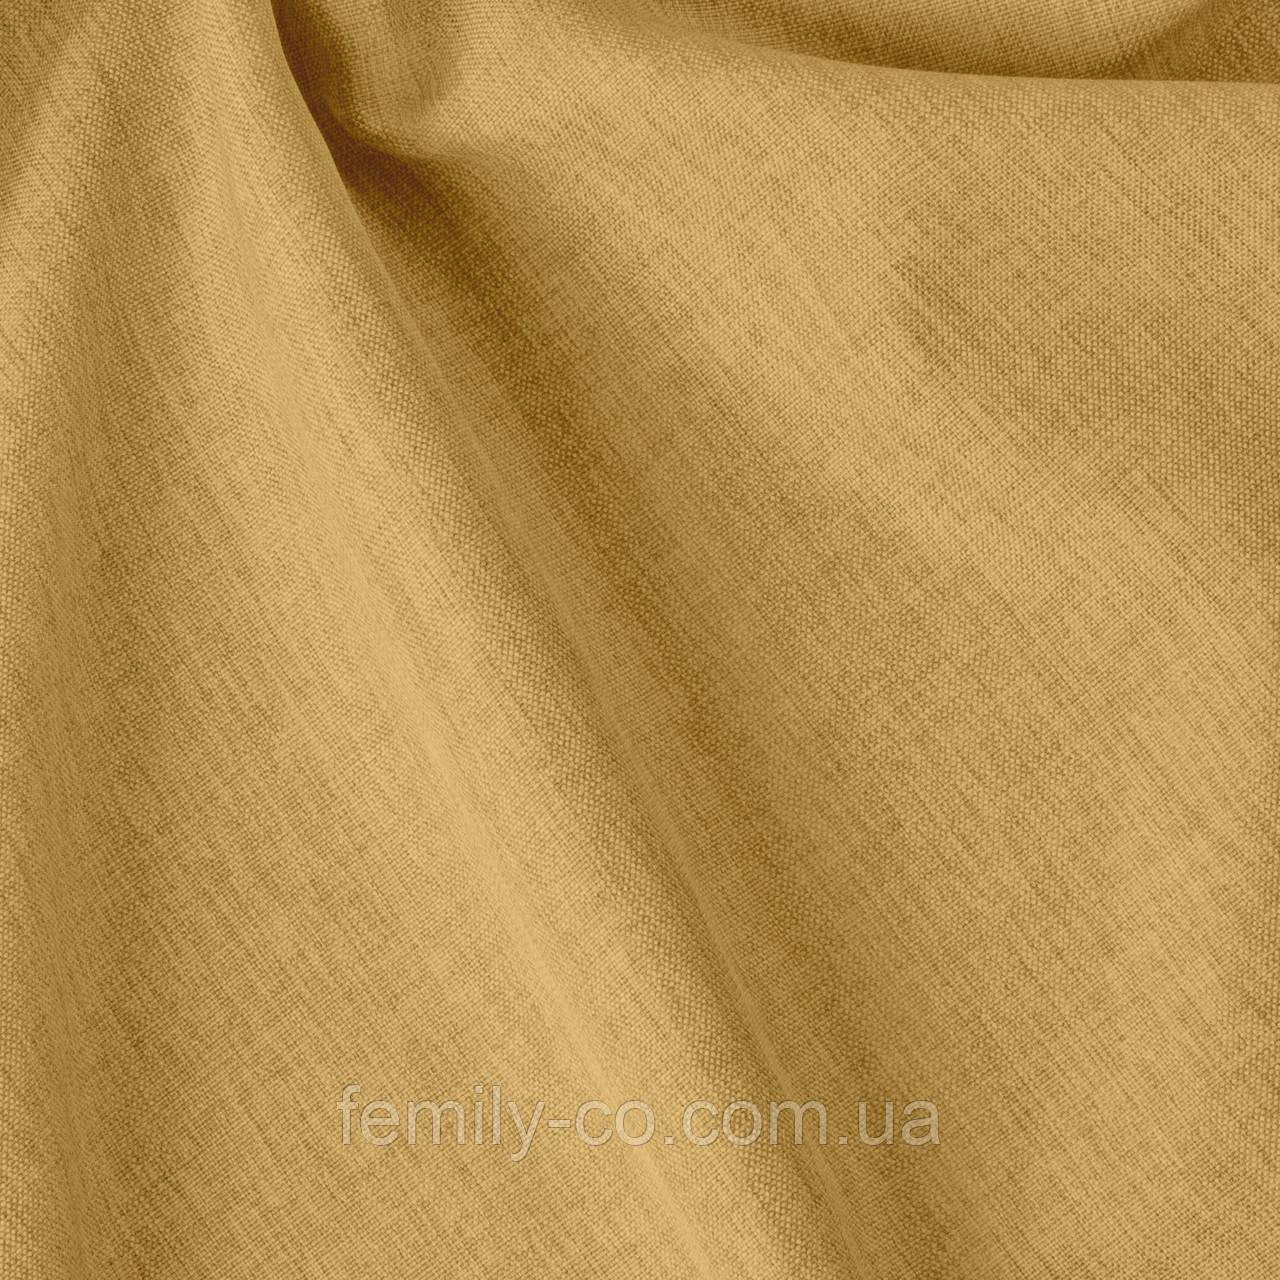 Декоративная однотонная ткань рогожка золотого цвета 300см 84451v8